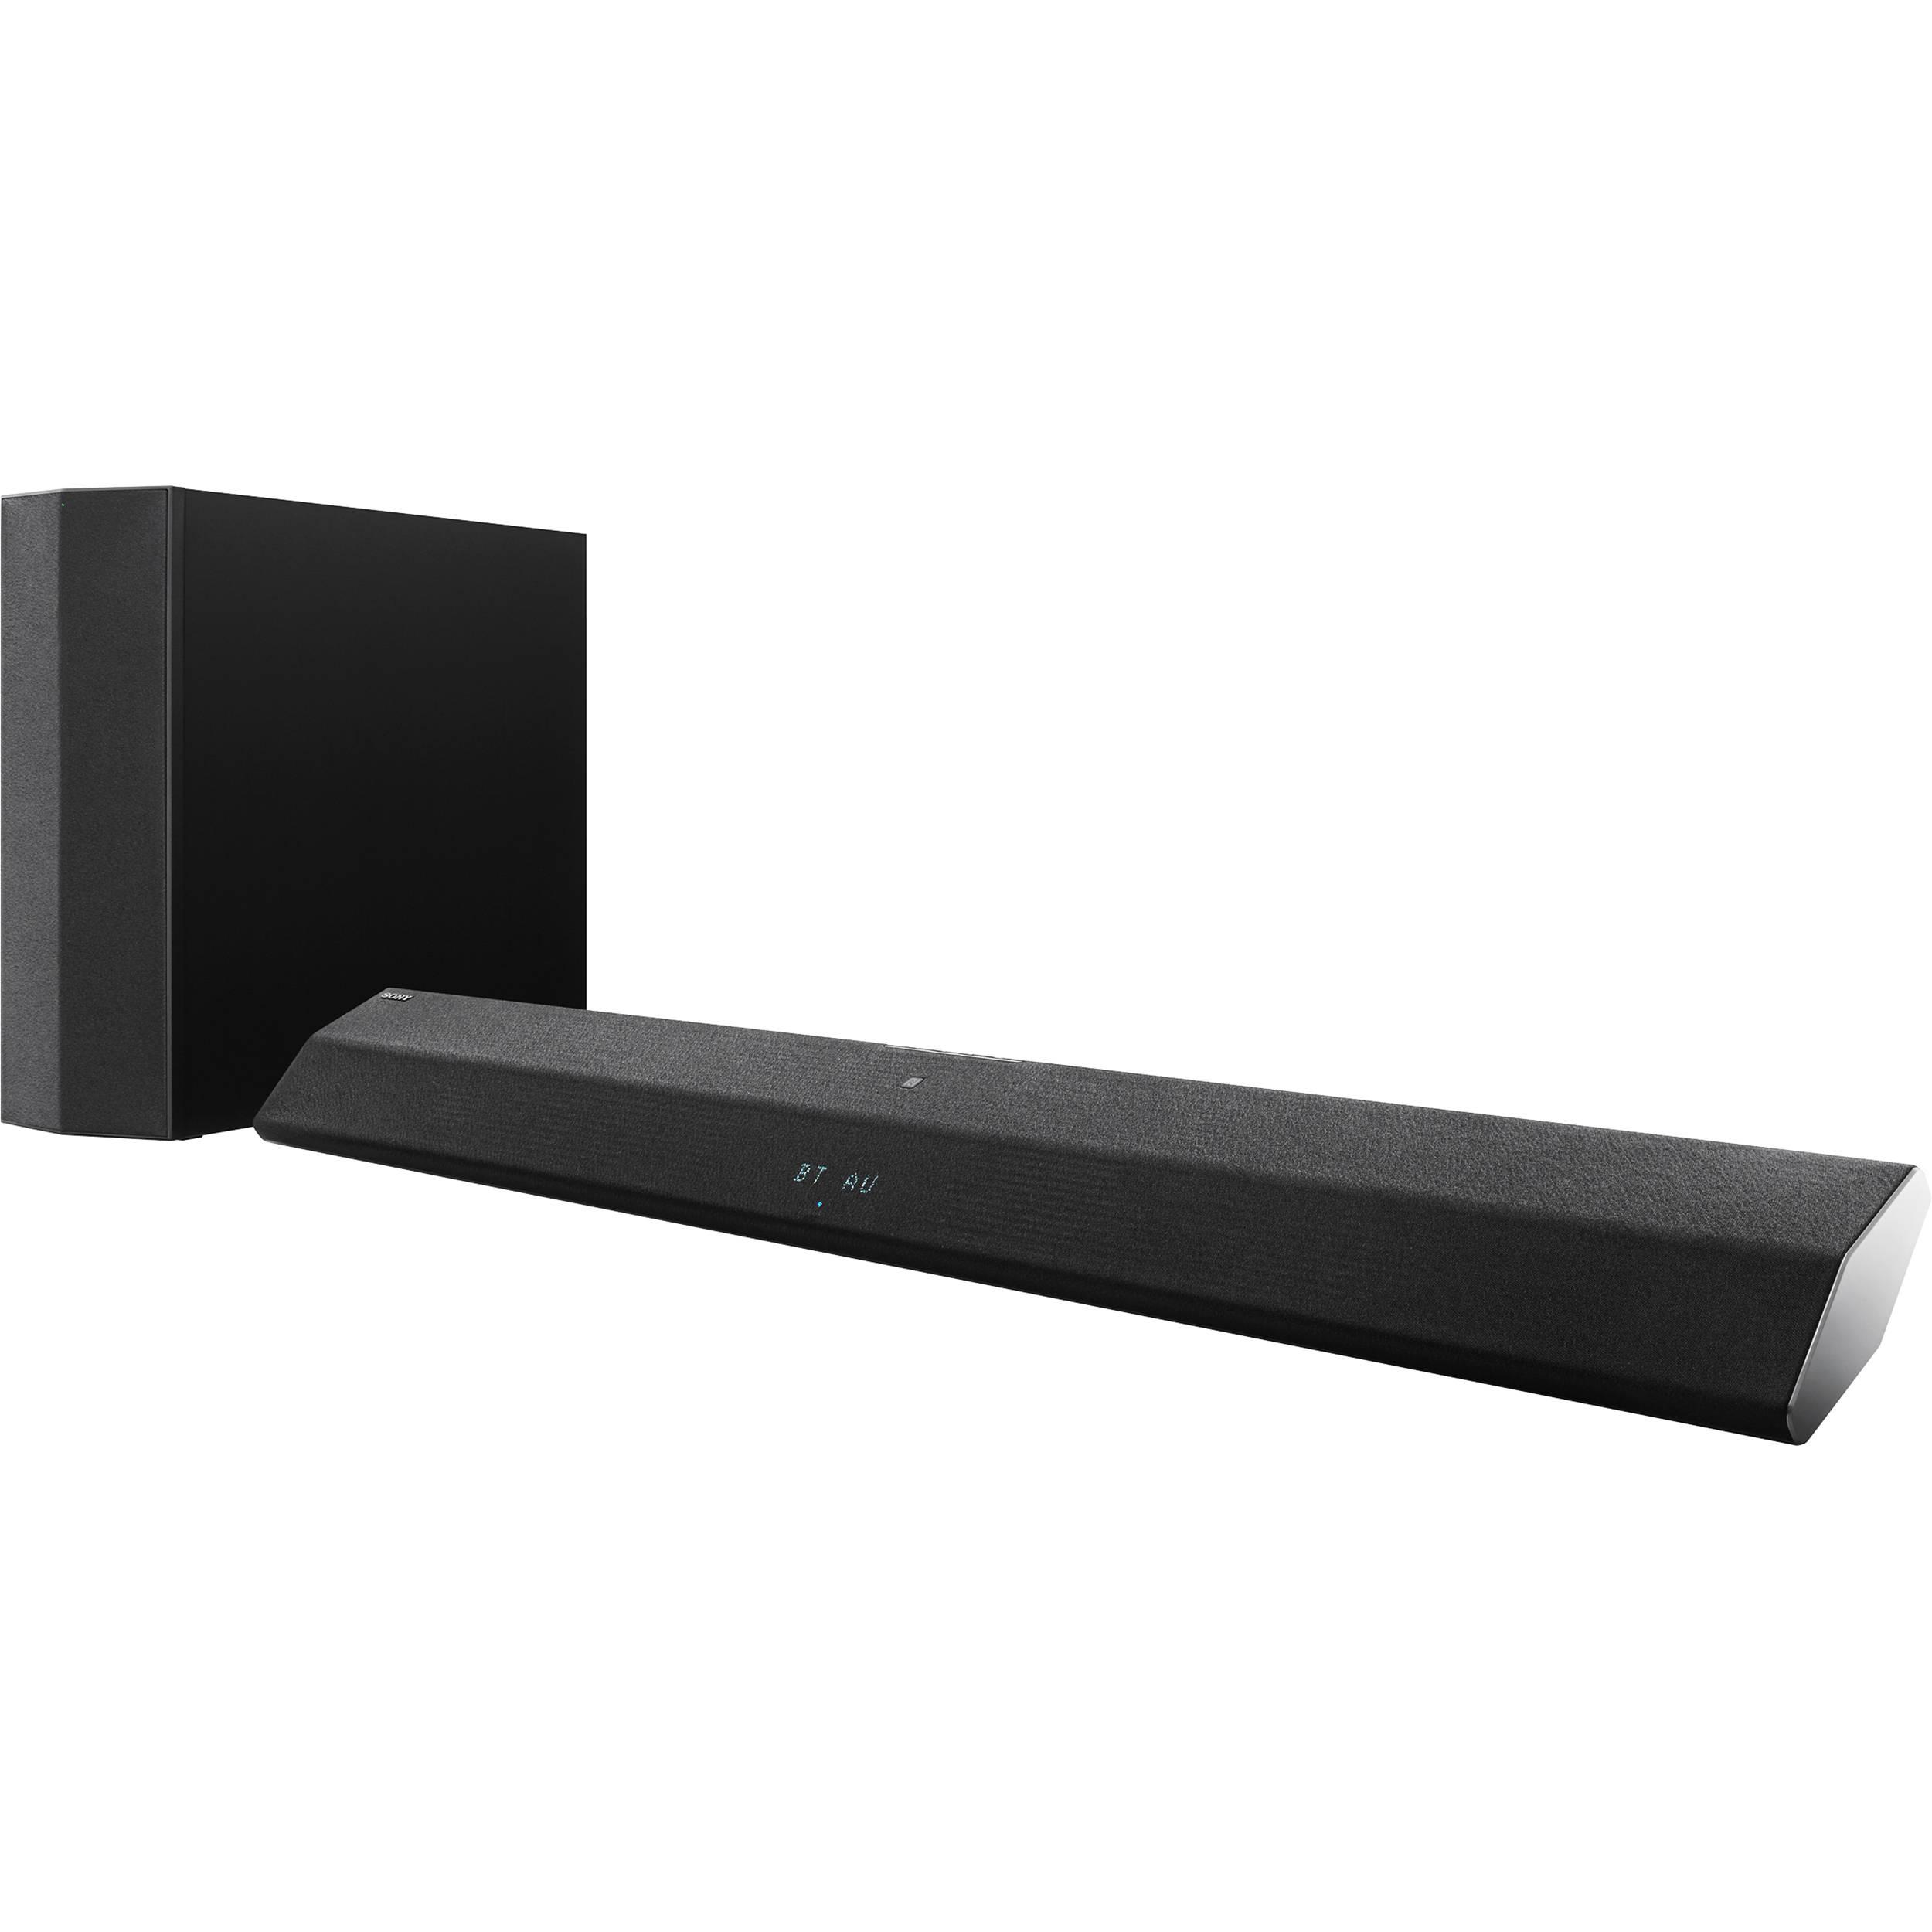 Sony Ht Ct370 300w 2 1 Channel Soundbar System